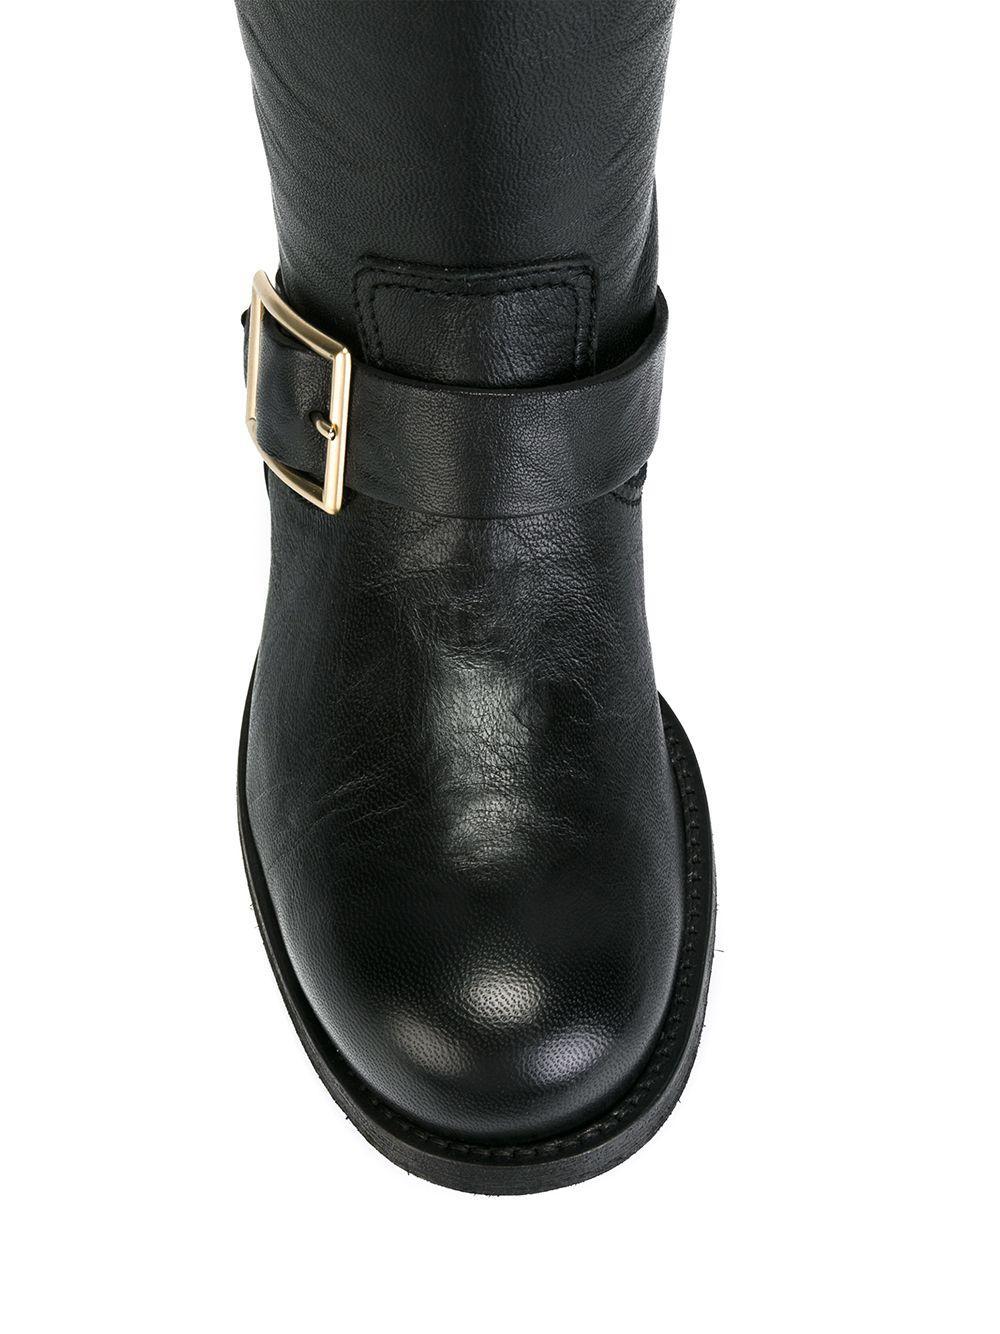 Jimmy Choo 'biker' Boots in Black